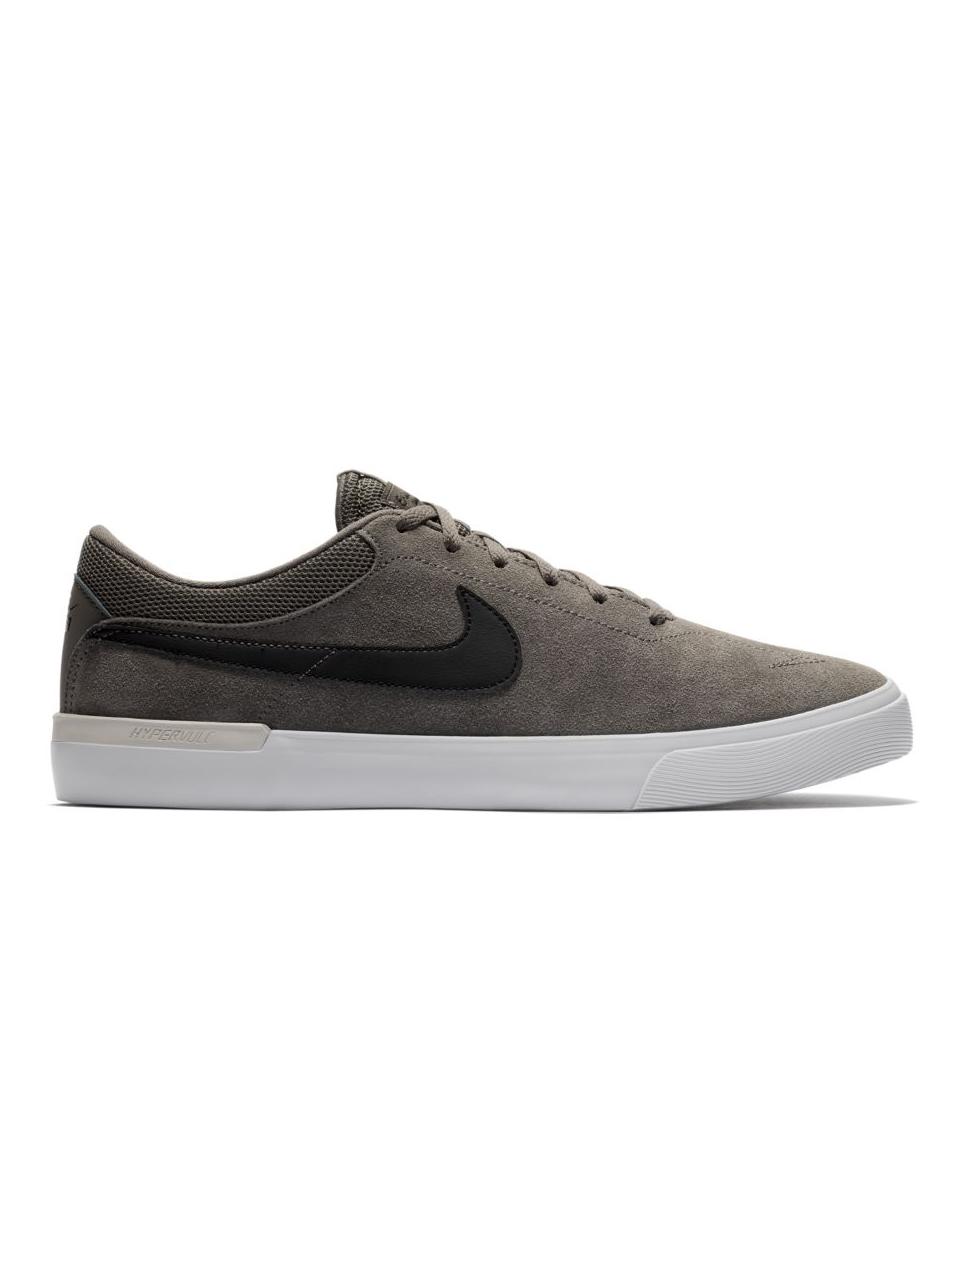 Nike SB Hypervulc \